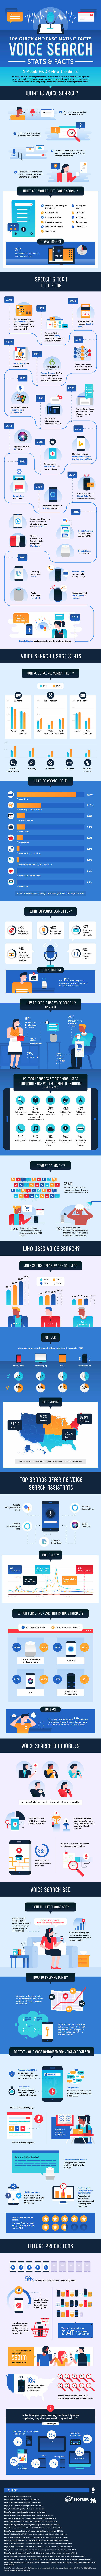 infographie sur la recherche vocale